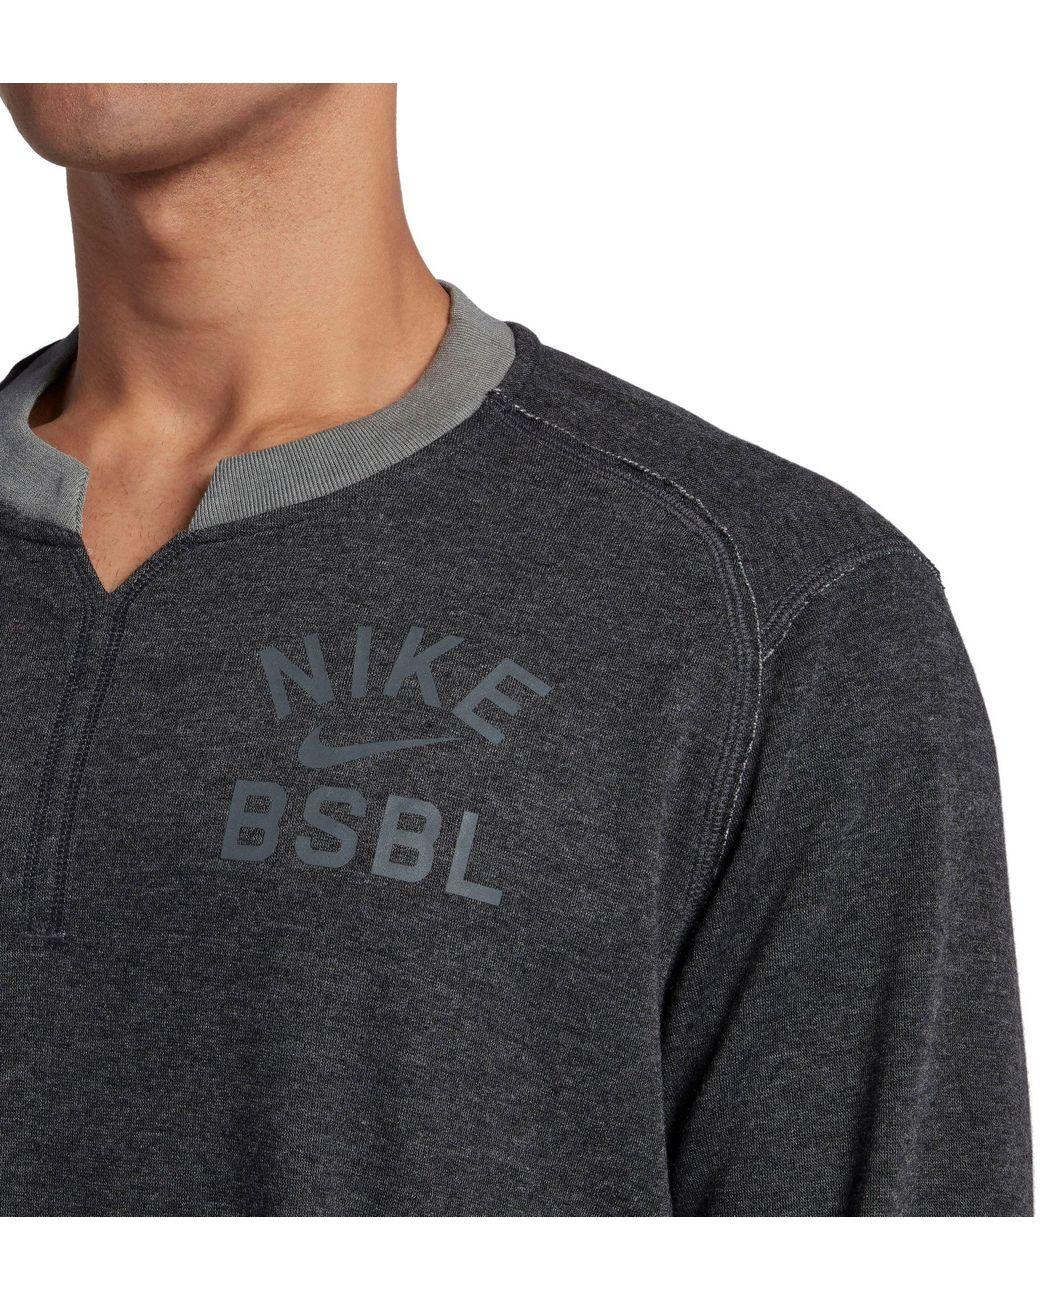 c6eafe66d0984 Lyst - Nike 3 4 Fleece Crew Flux Baseball Shirt in Gray for Men